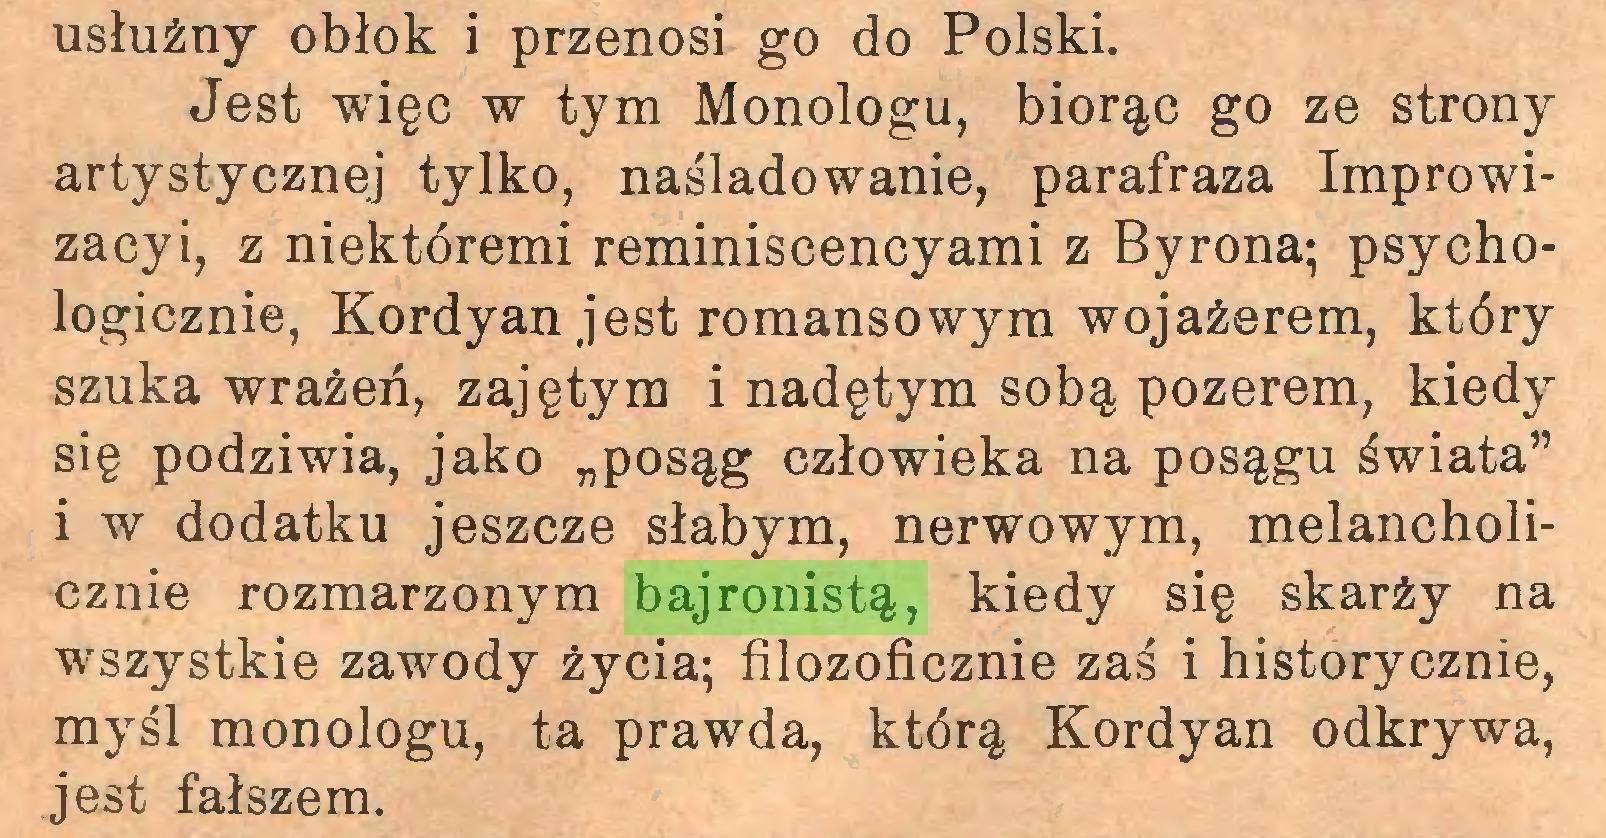 """(...) usłużny obłok i przenosi go do Polski. Jest więc w tym Monologu, biorąc go ze strony artystycznej tylko, naśladowanie, parafraza Improwizacyi, z niektóremi reminiscencyami z Byrona; psychologicznie, Kordyan jest romansowym wojażerem, który szuka wrażeń, zajętym i nadętym sobą pozerem, kiedy się podziwia, jako """"posąg człowieka na posągu świata"""" i w dodatku jeszcze słabym, nerwowym, melancholicznie rozmarzonym bajronistą, kiedy się skarży na wszystkie zawody życia; filozoficznie zaś i historycznie, myśl monologu, ta prawda, którą Kordyan odkrywa, jest fałszem..."""